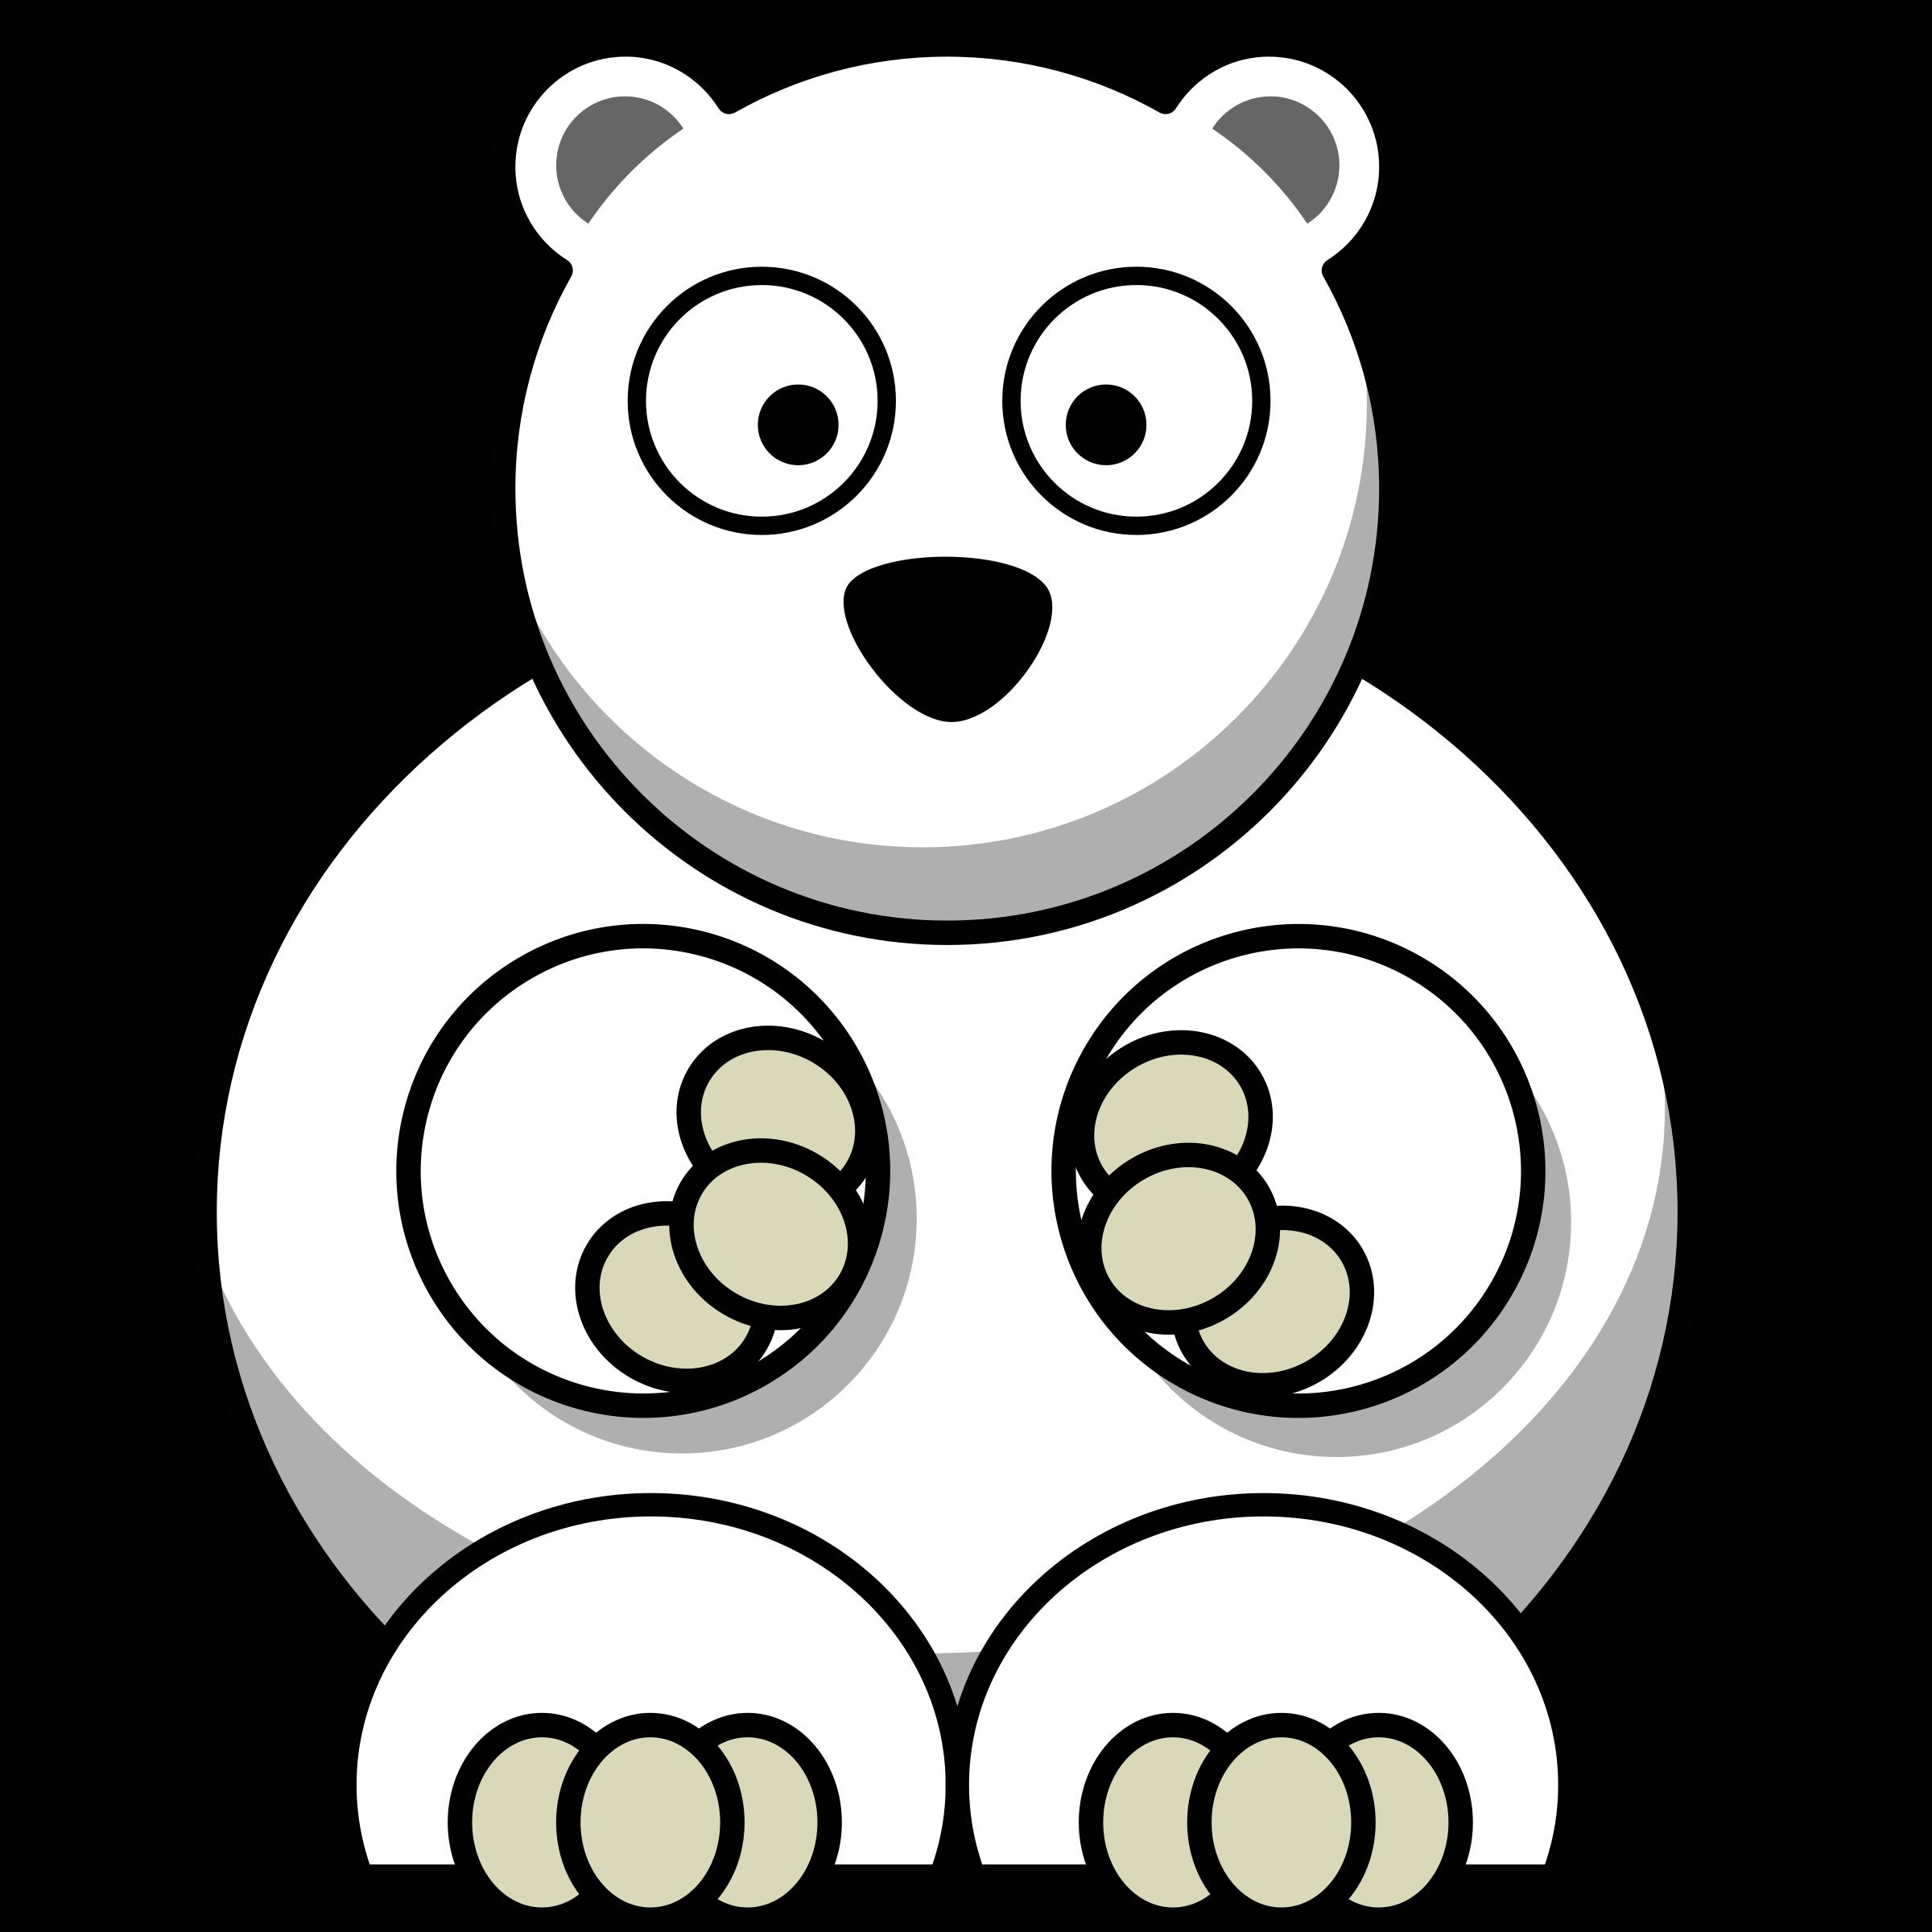 Remix image png. Big clipart polar bear